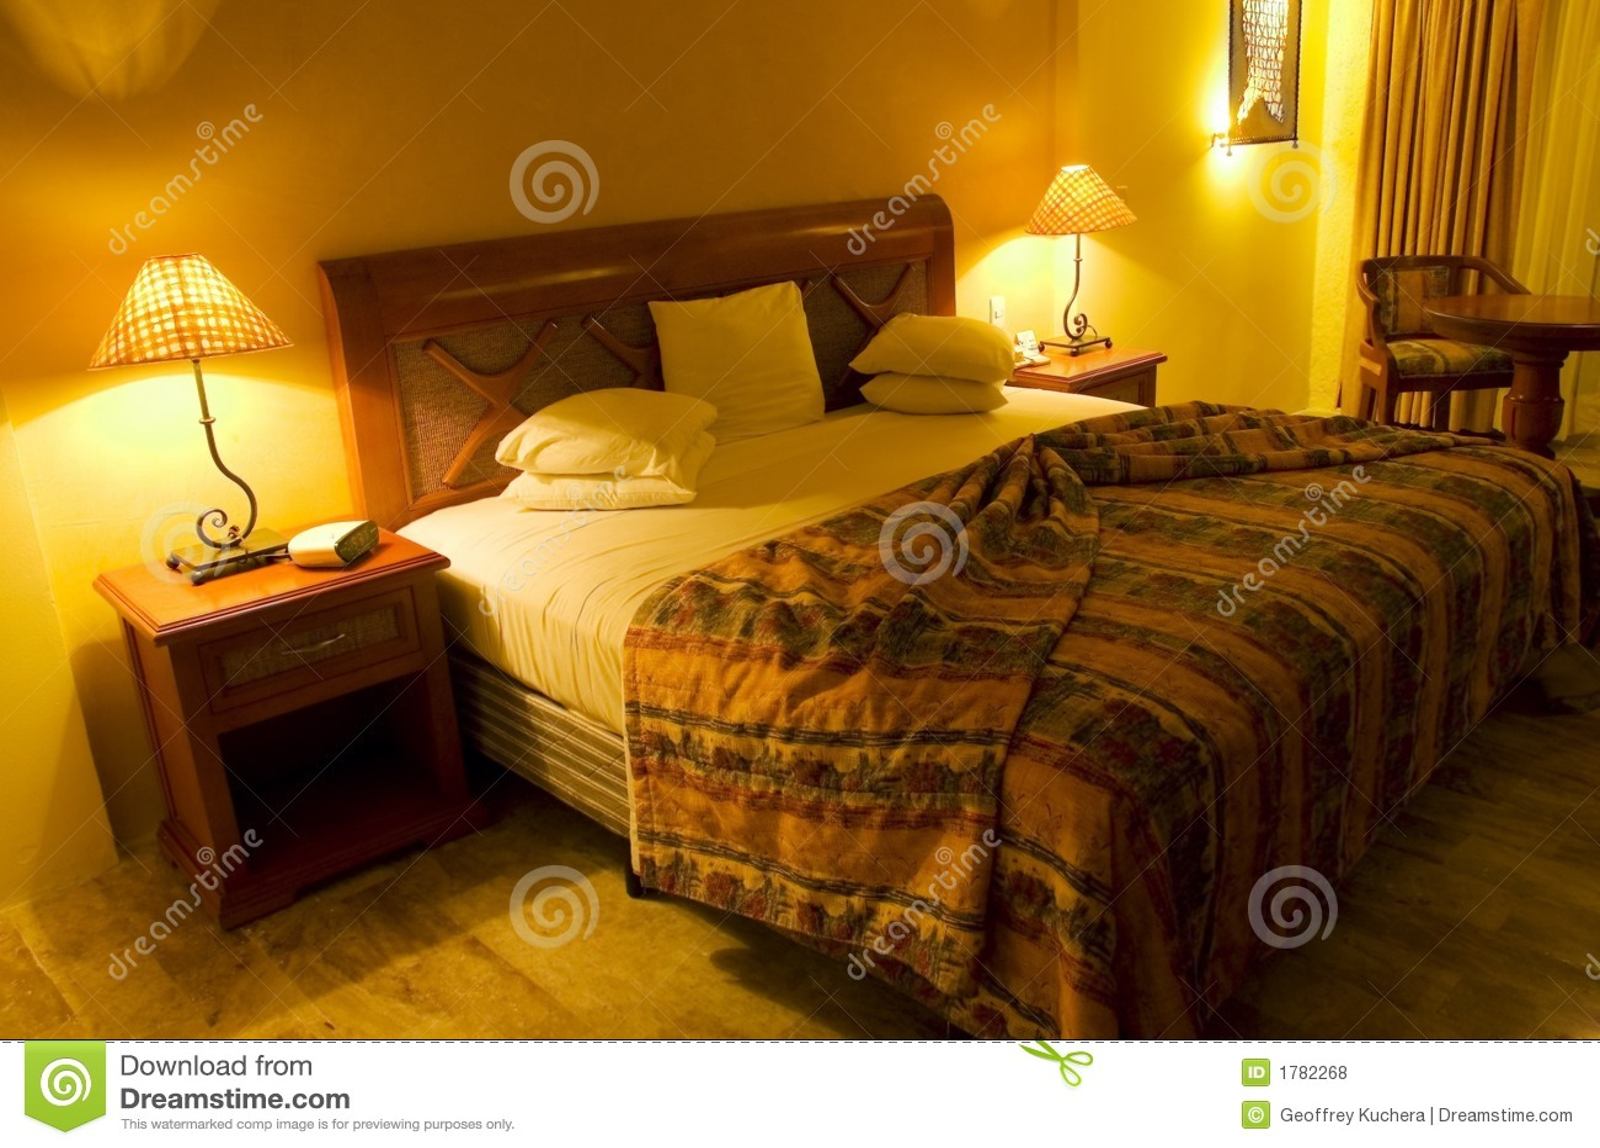 schlafzimmer gelb orange ~ Übersicht traum schlafzimmer, Schlafzimmer entwurf